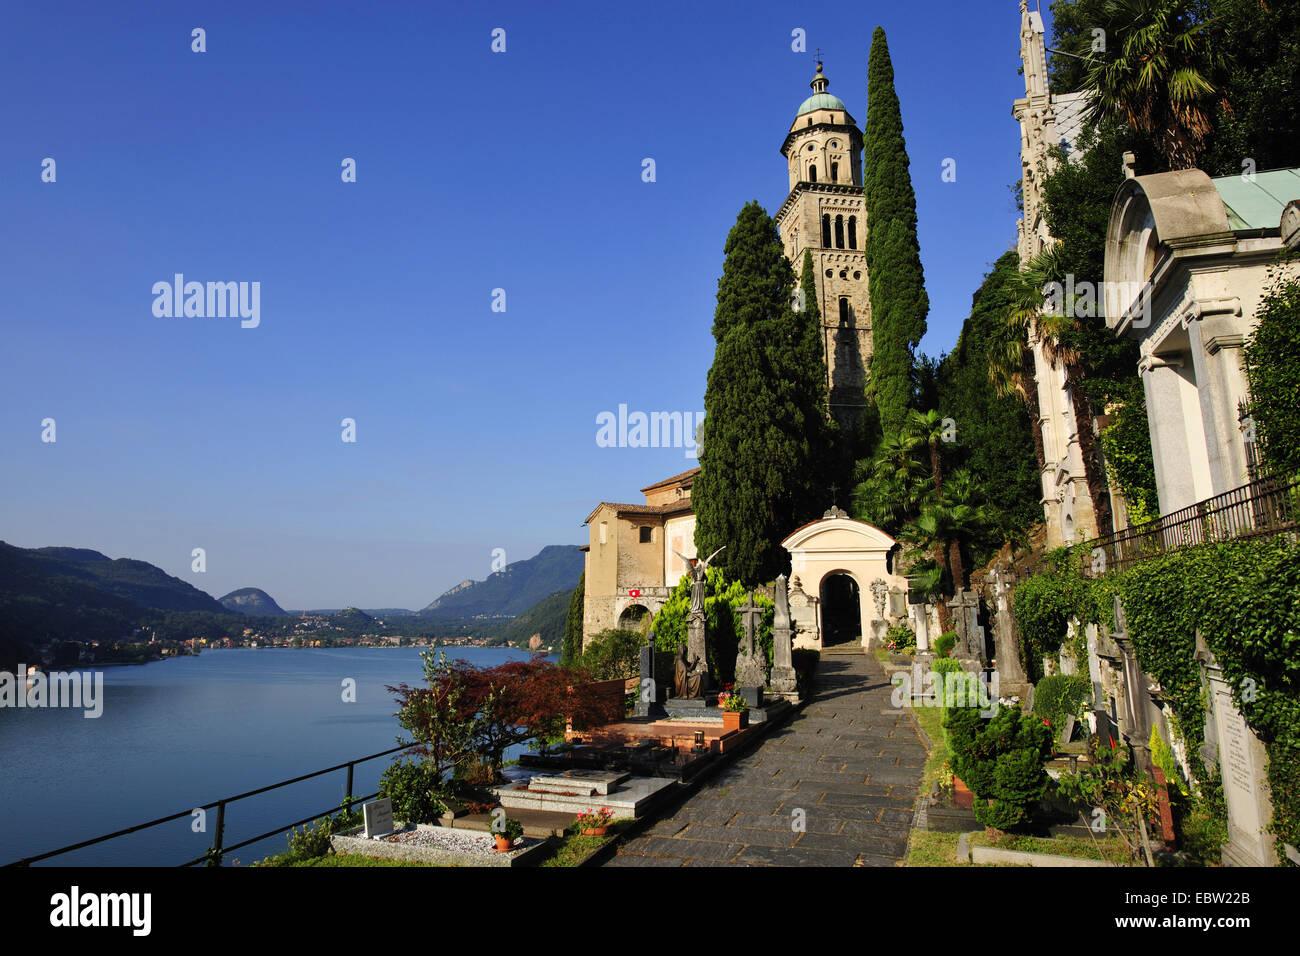 church of Morcote at Lago di Lugano, Switzerland, Ticino, Morcote Stock Photo